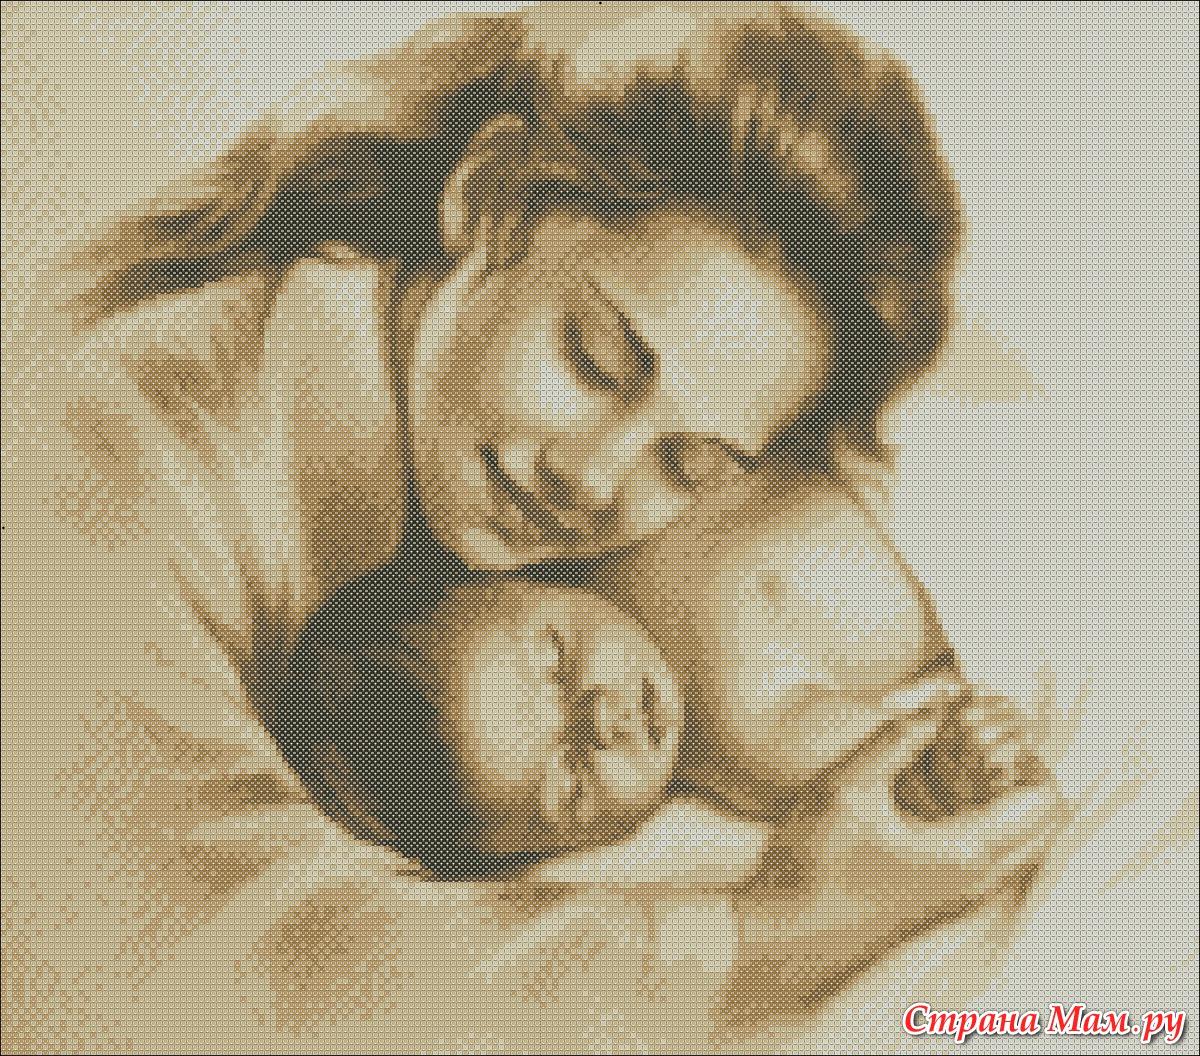 Сенкс з мамою 7 фотография